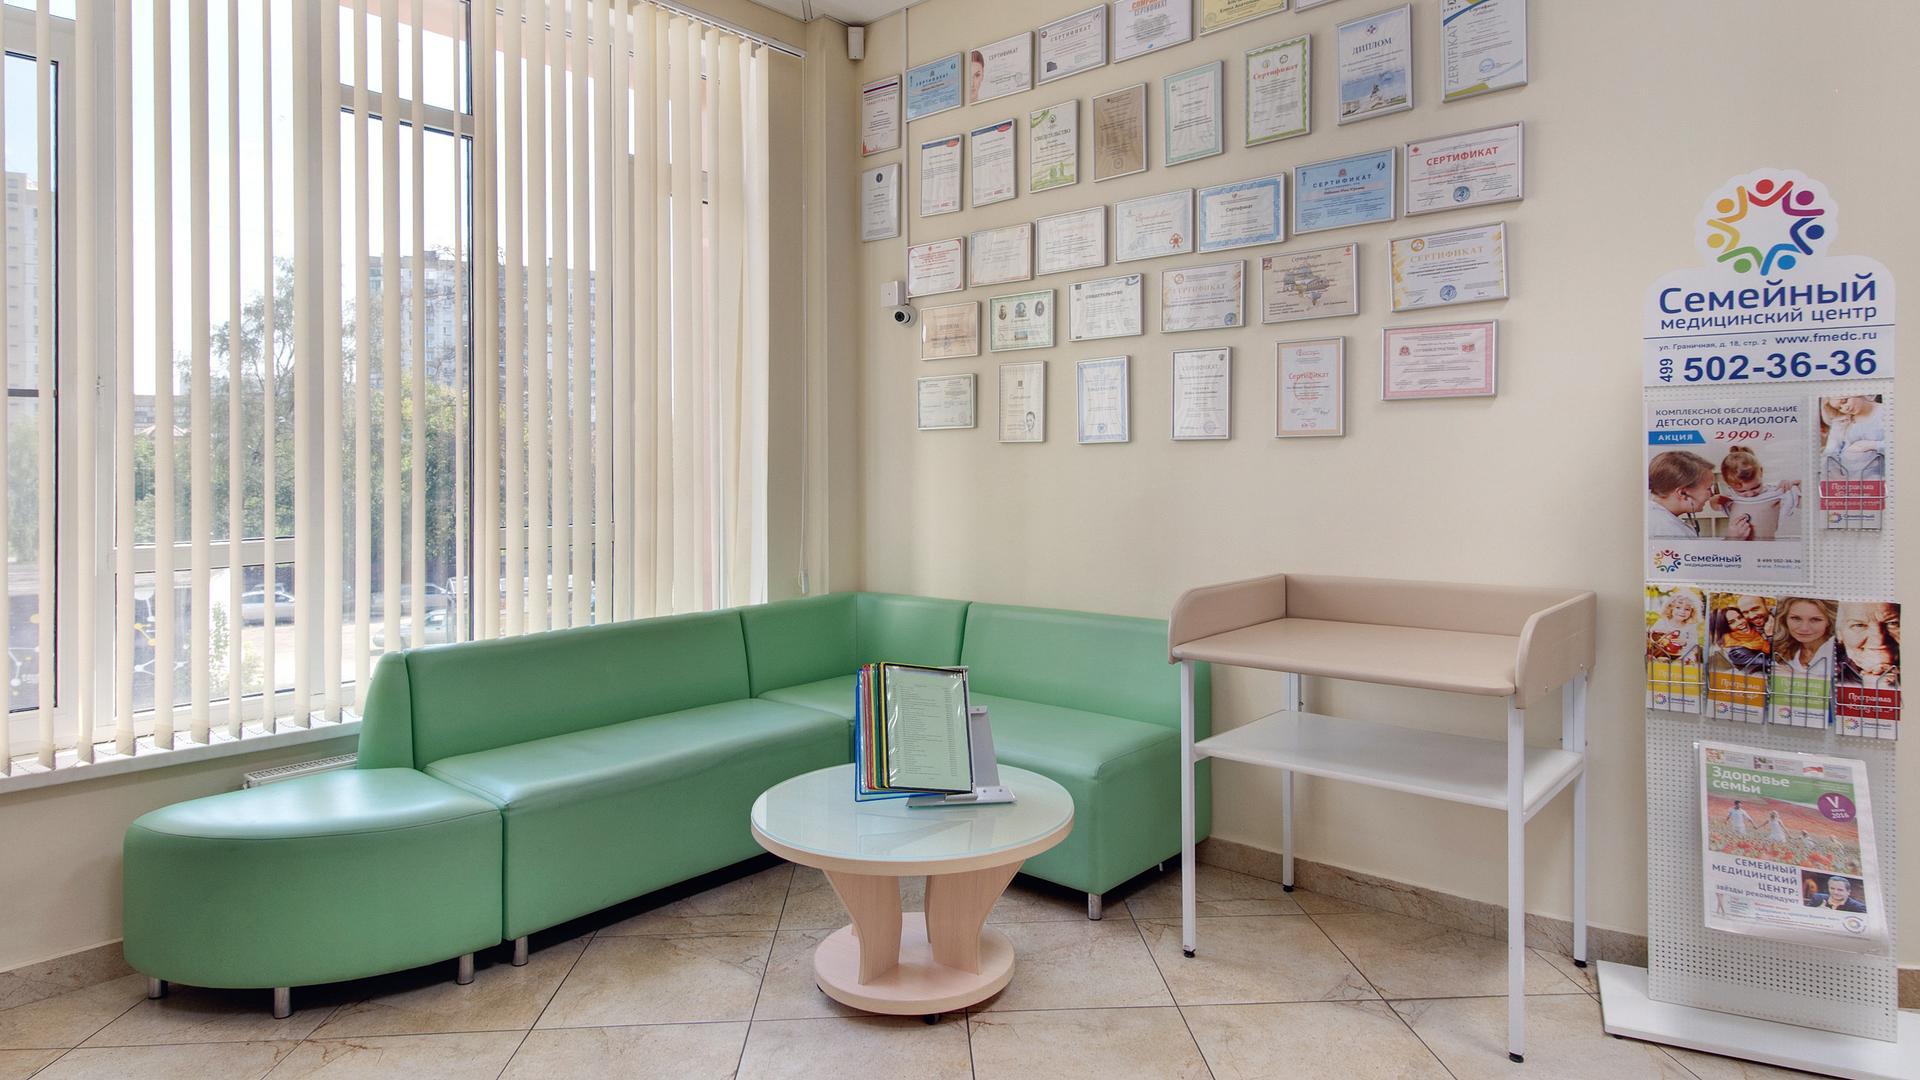 Медицинские детские центры в железнодорожном отзывы